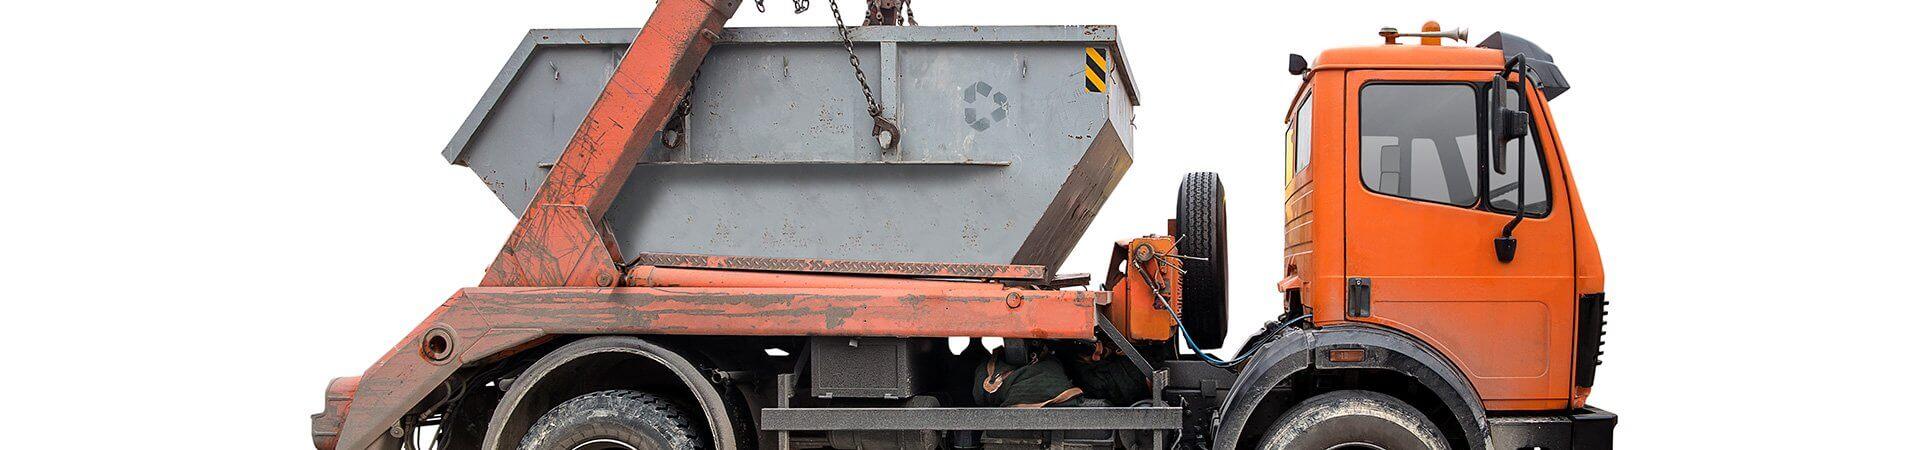 камион за извозване на отпадъци